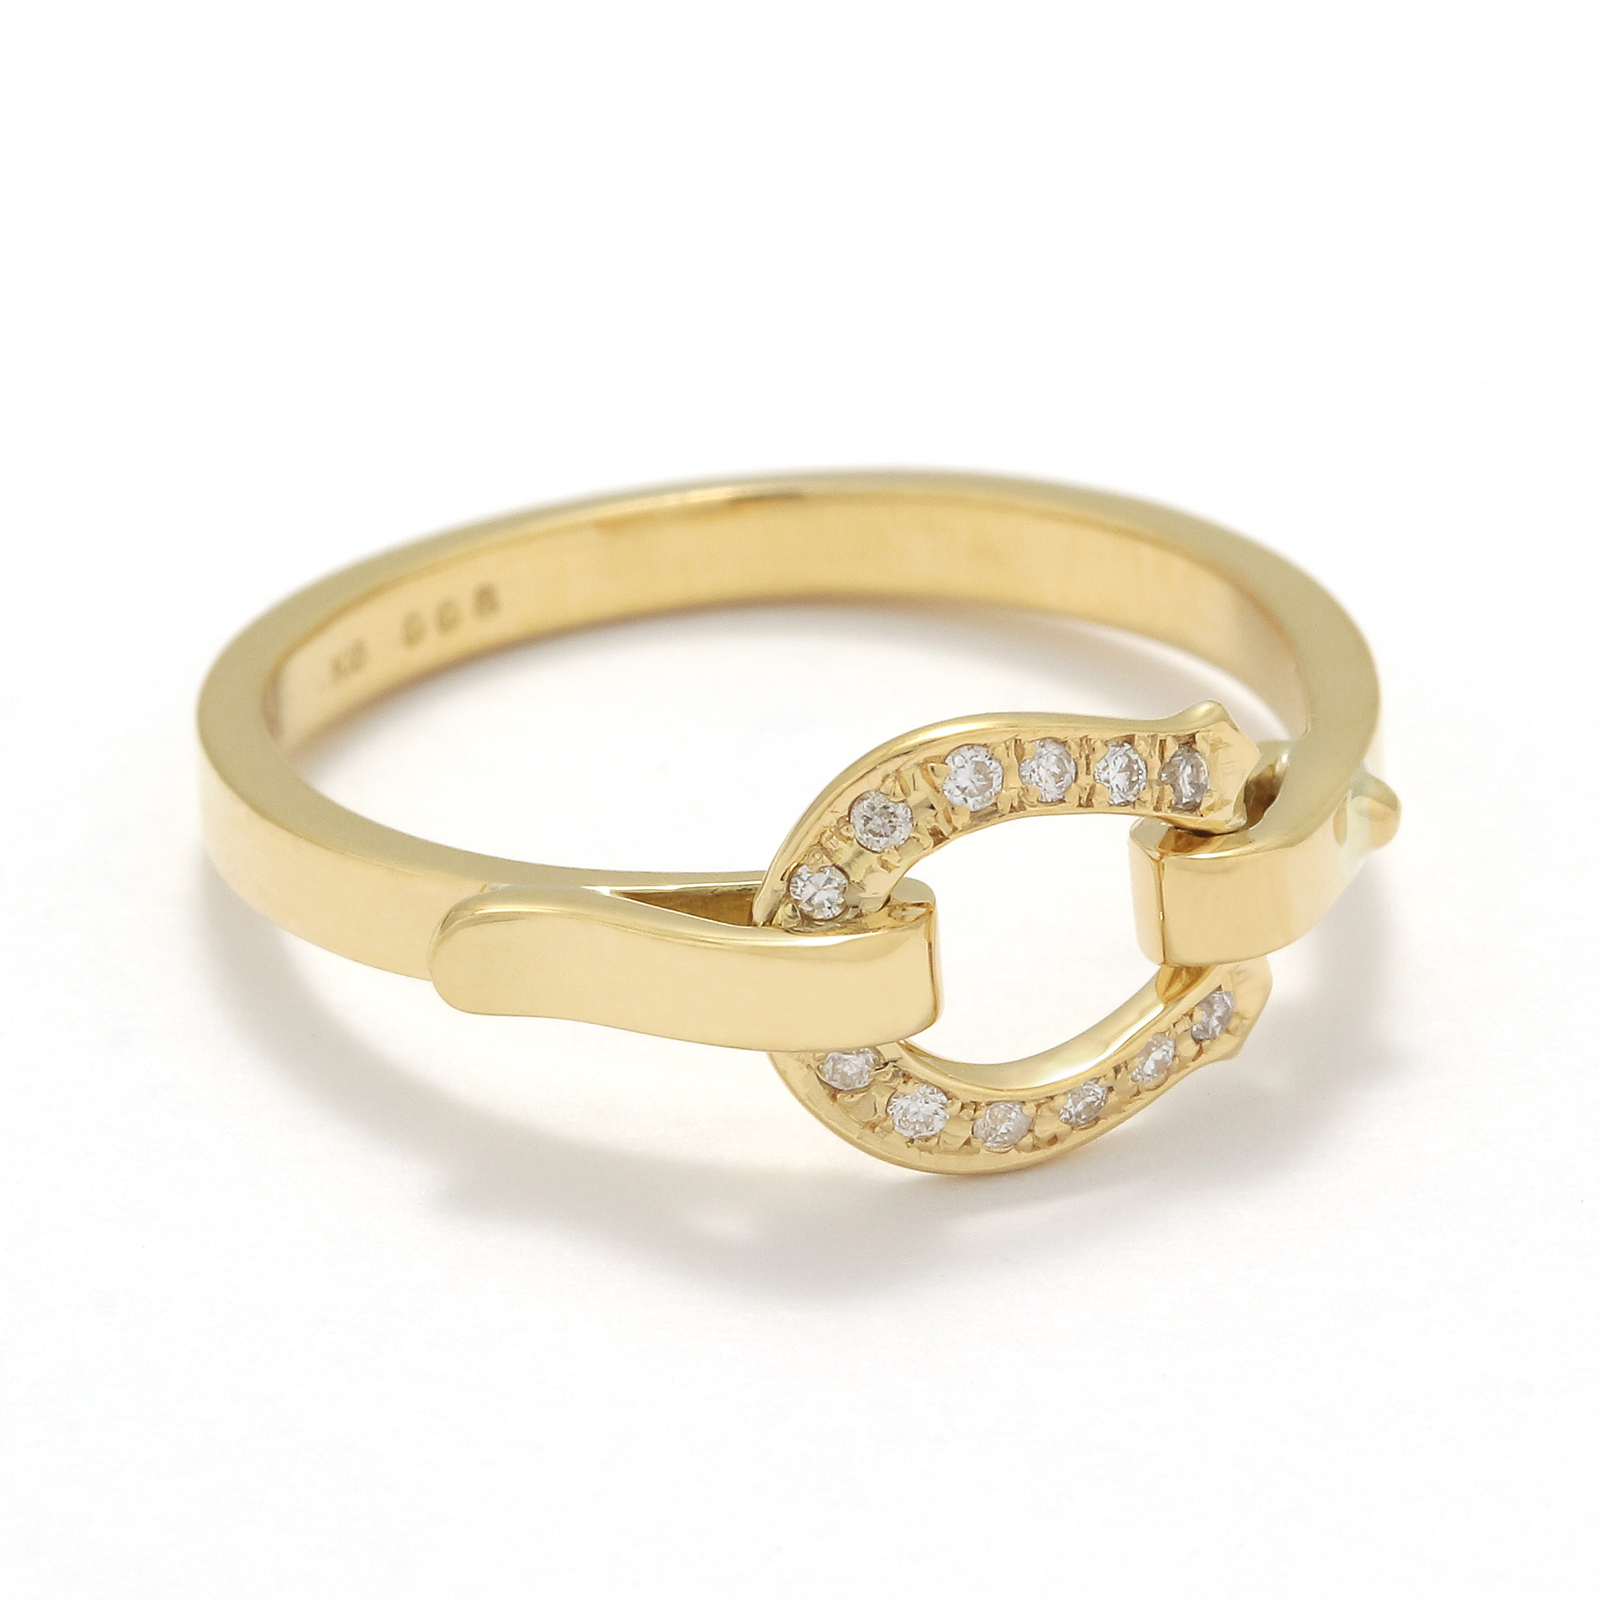 Horseshoe Band Ring Small - K18Yellow Gold w/Diamond